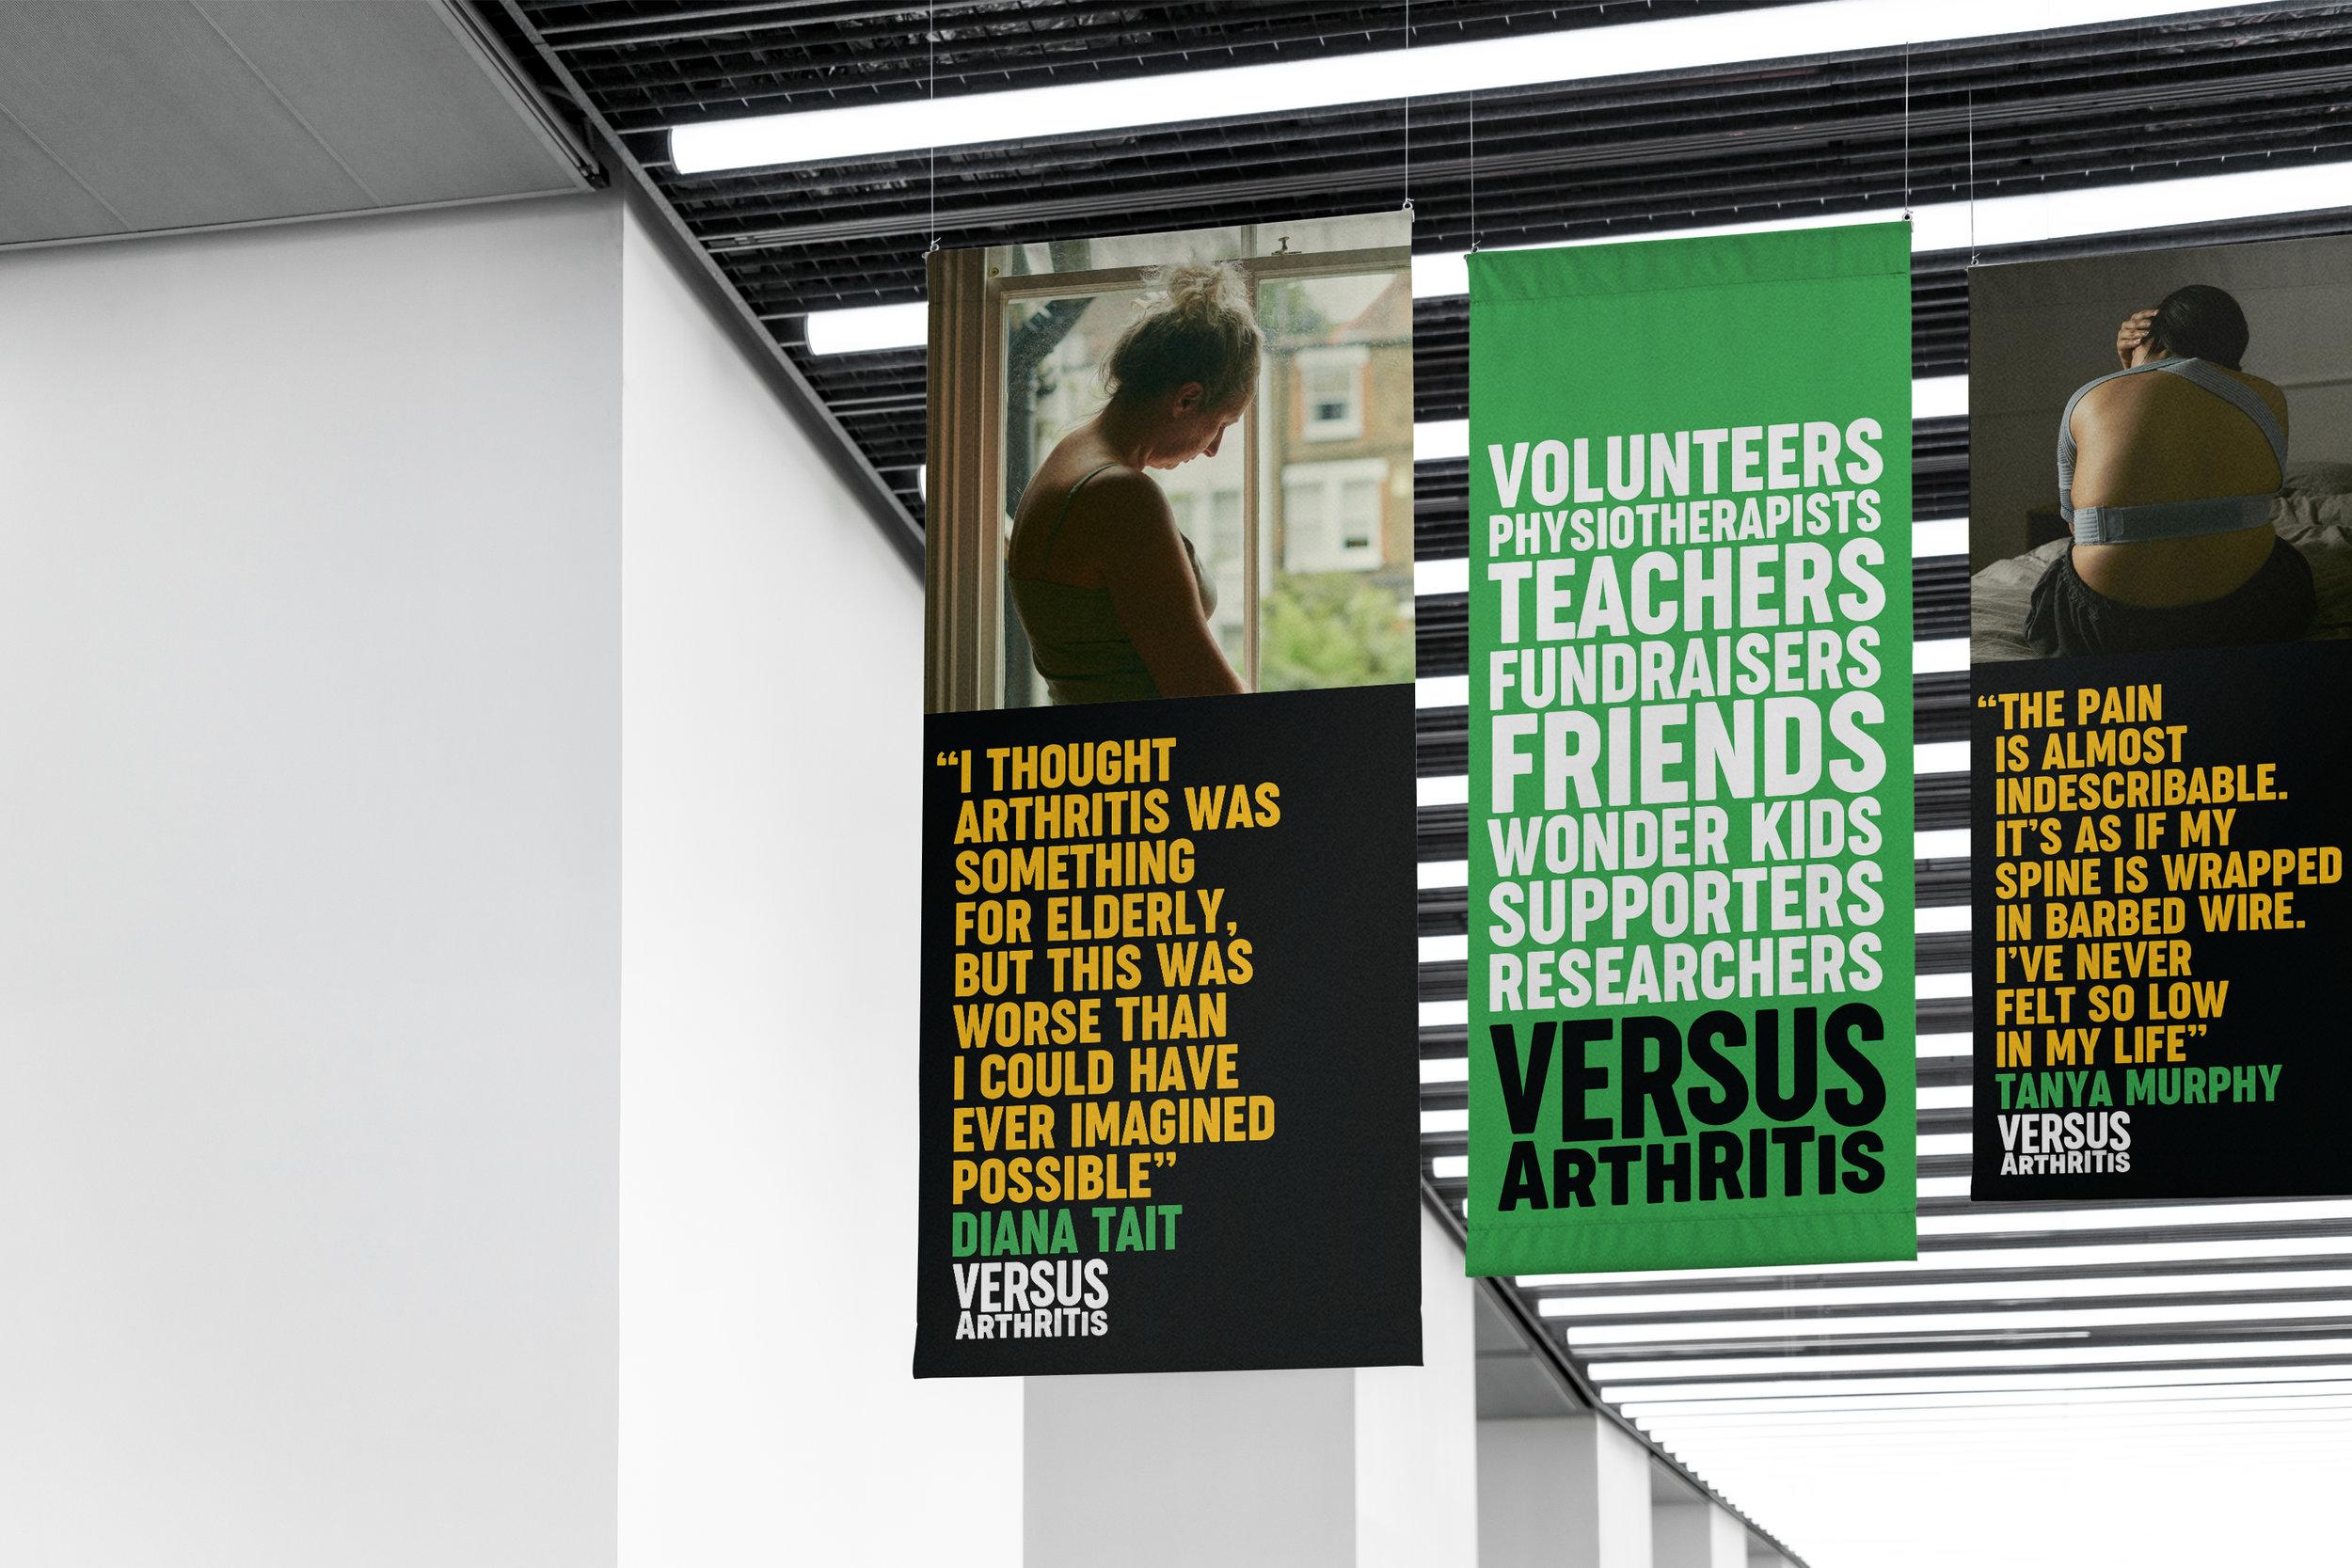 Re_Versus-arthritis_Banners.jpg